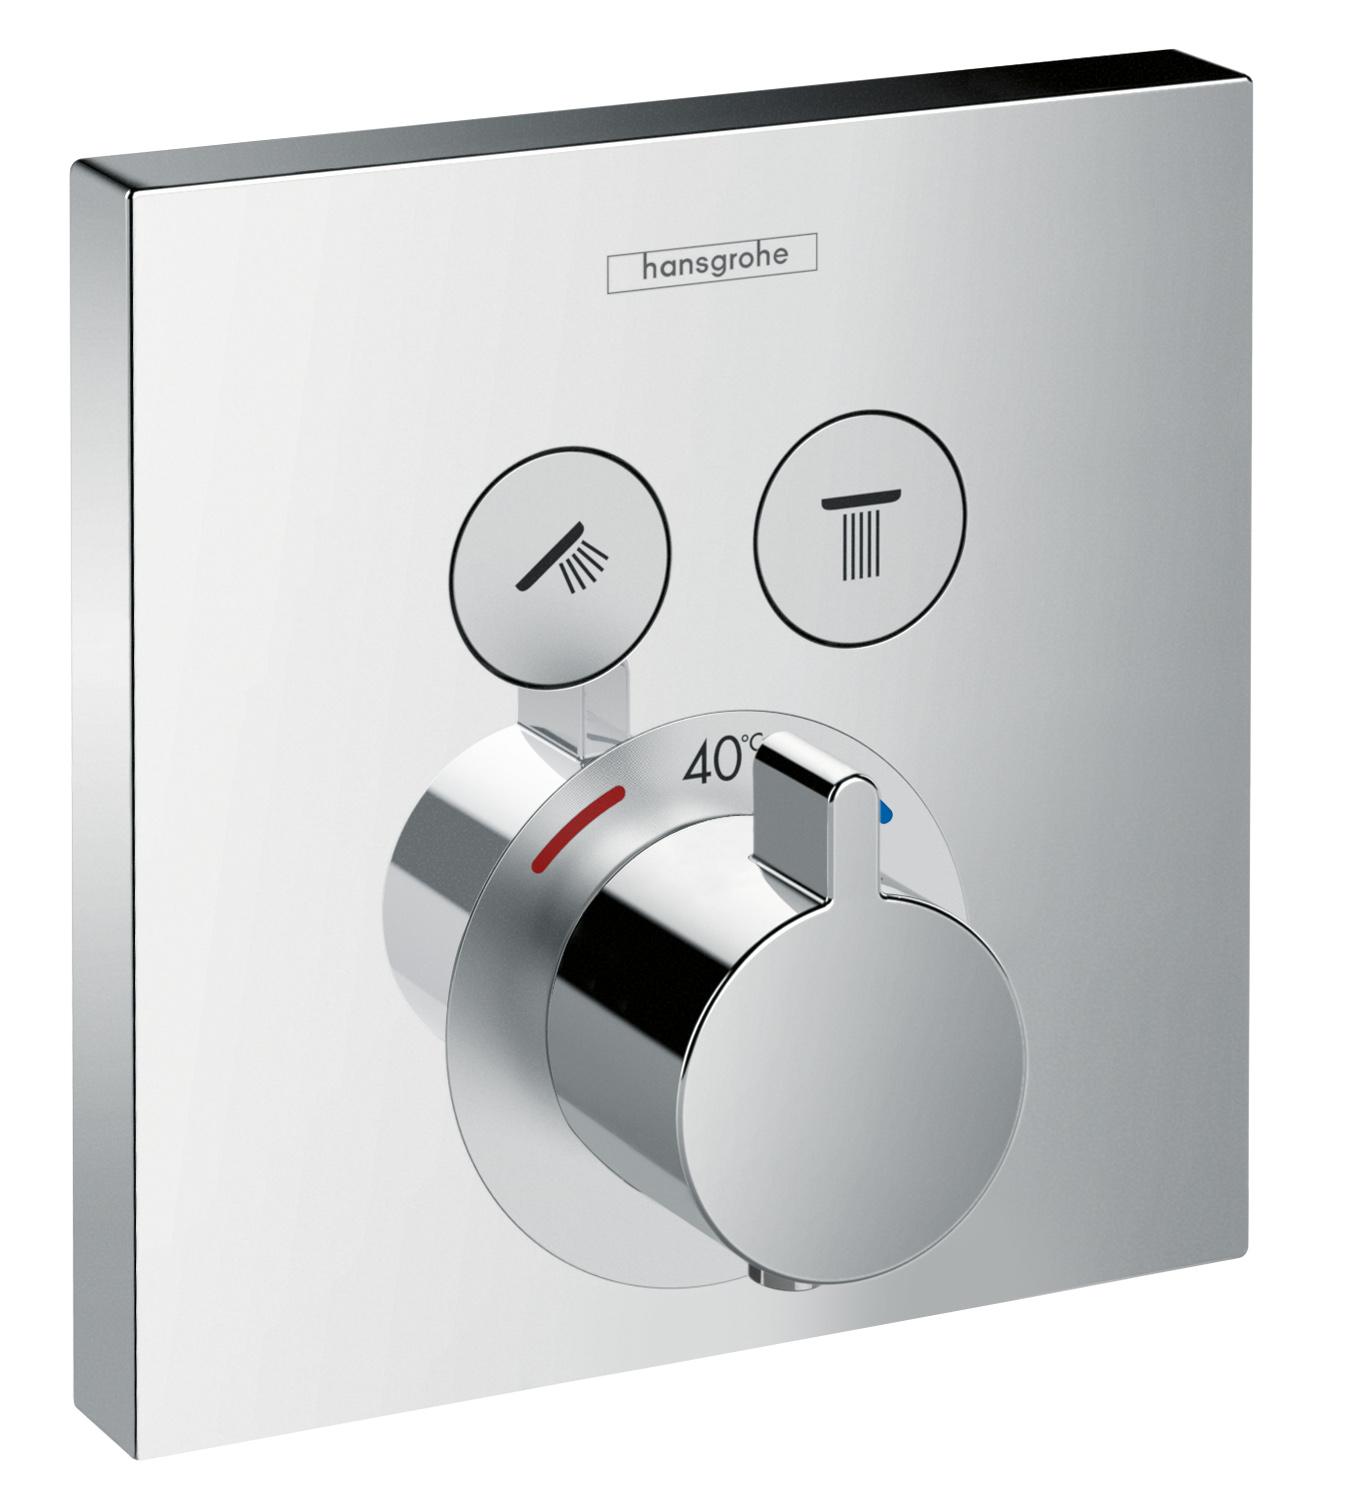 Baterie dus termostatata Hansgrohe ShowerSelect cu 2 functii montaj incastrat necesita corp ingropat imagine